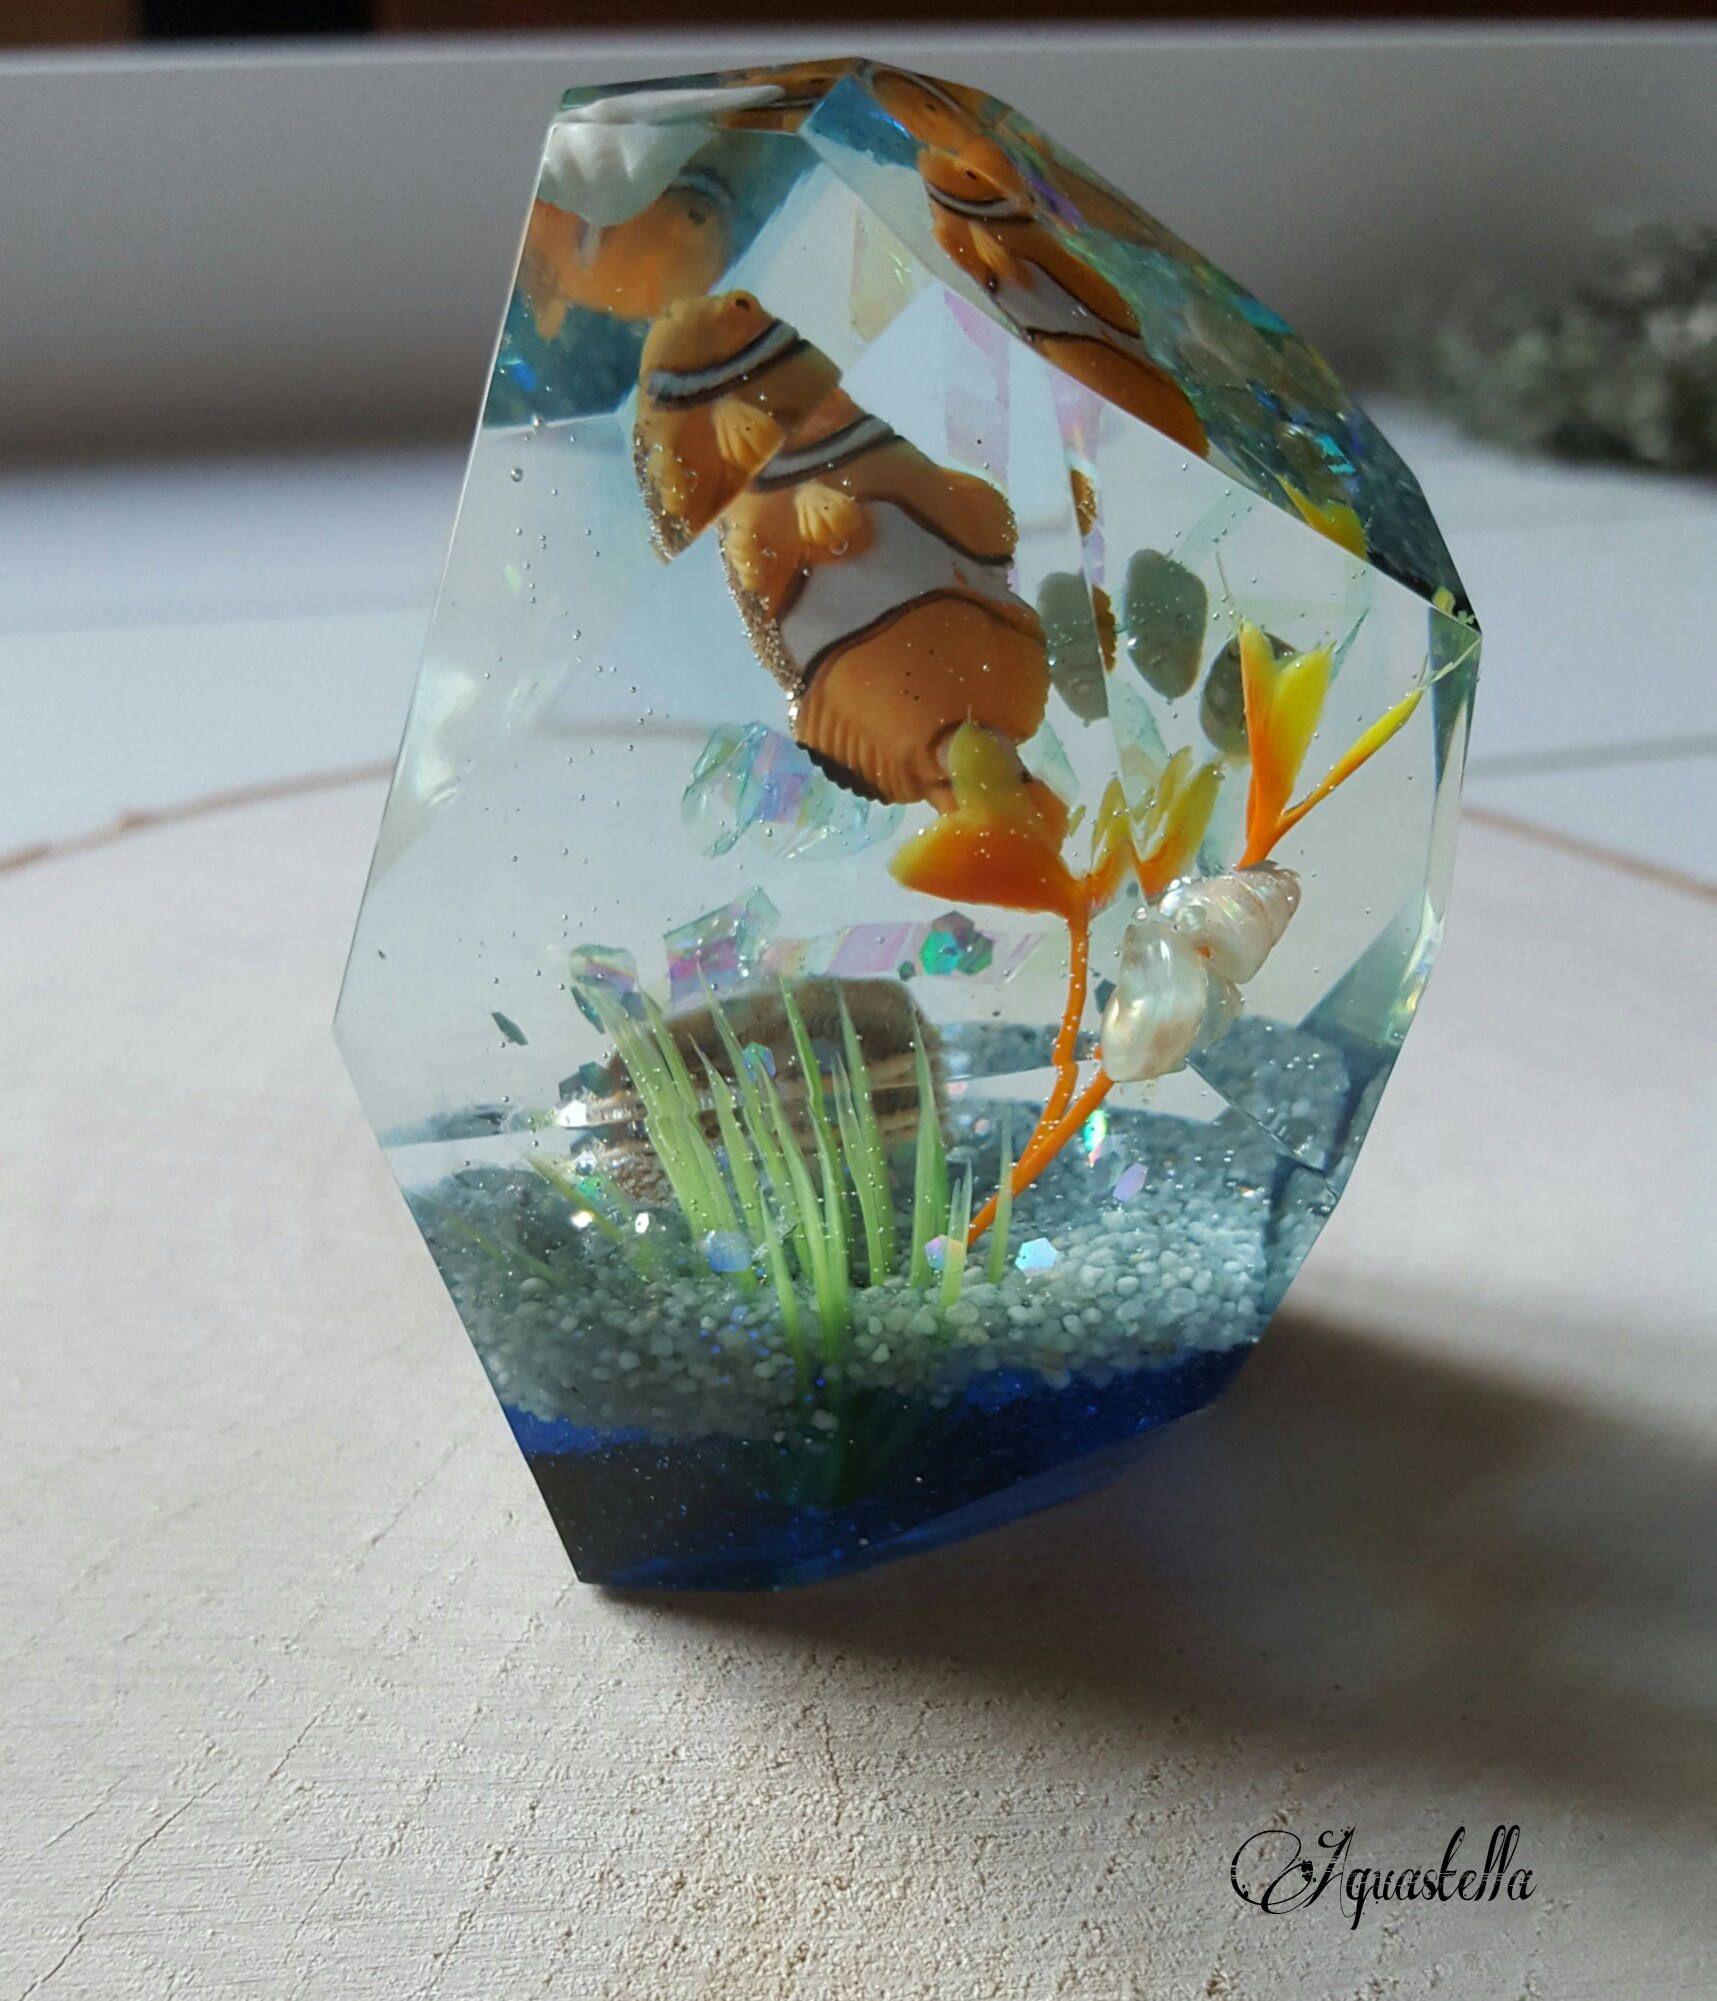 428221d0c44ac8ffded817940d6f38ed Frais De Fabriquer Aquarium Concept